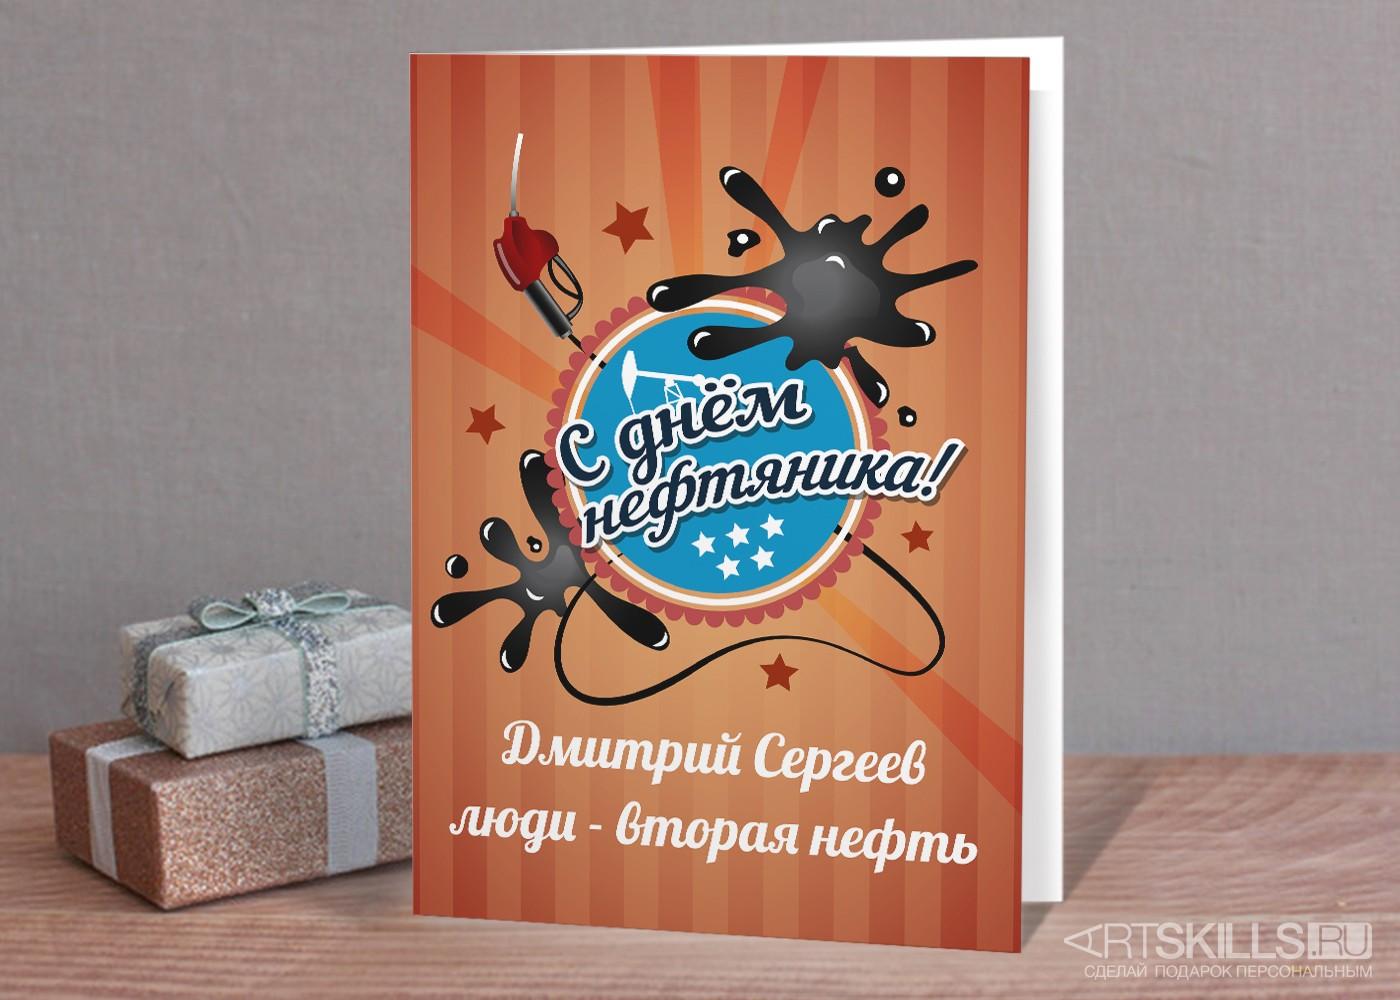 Именная открытка С Днём нефтяника!